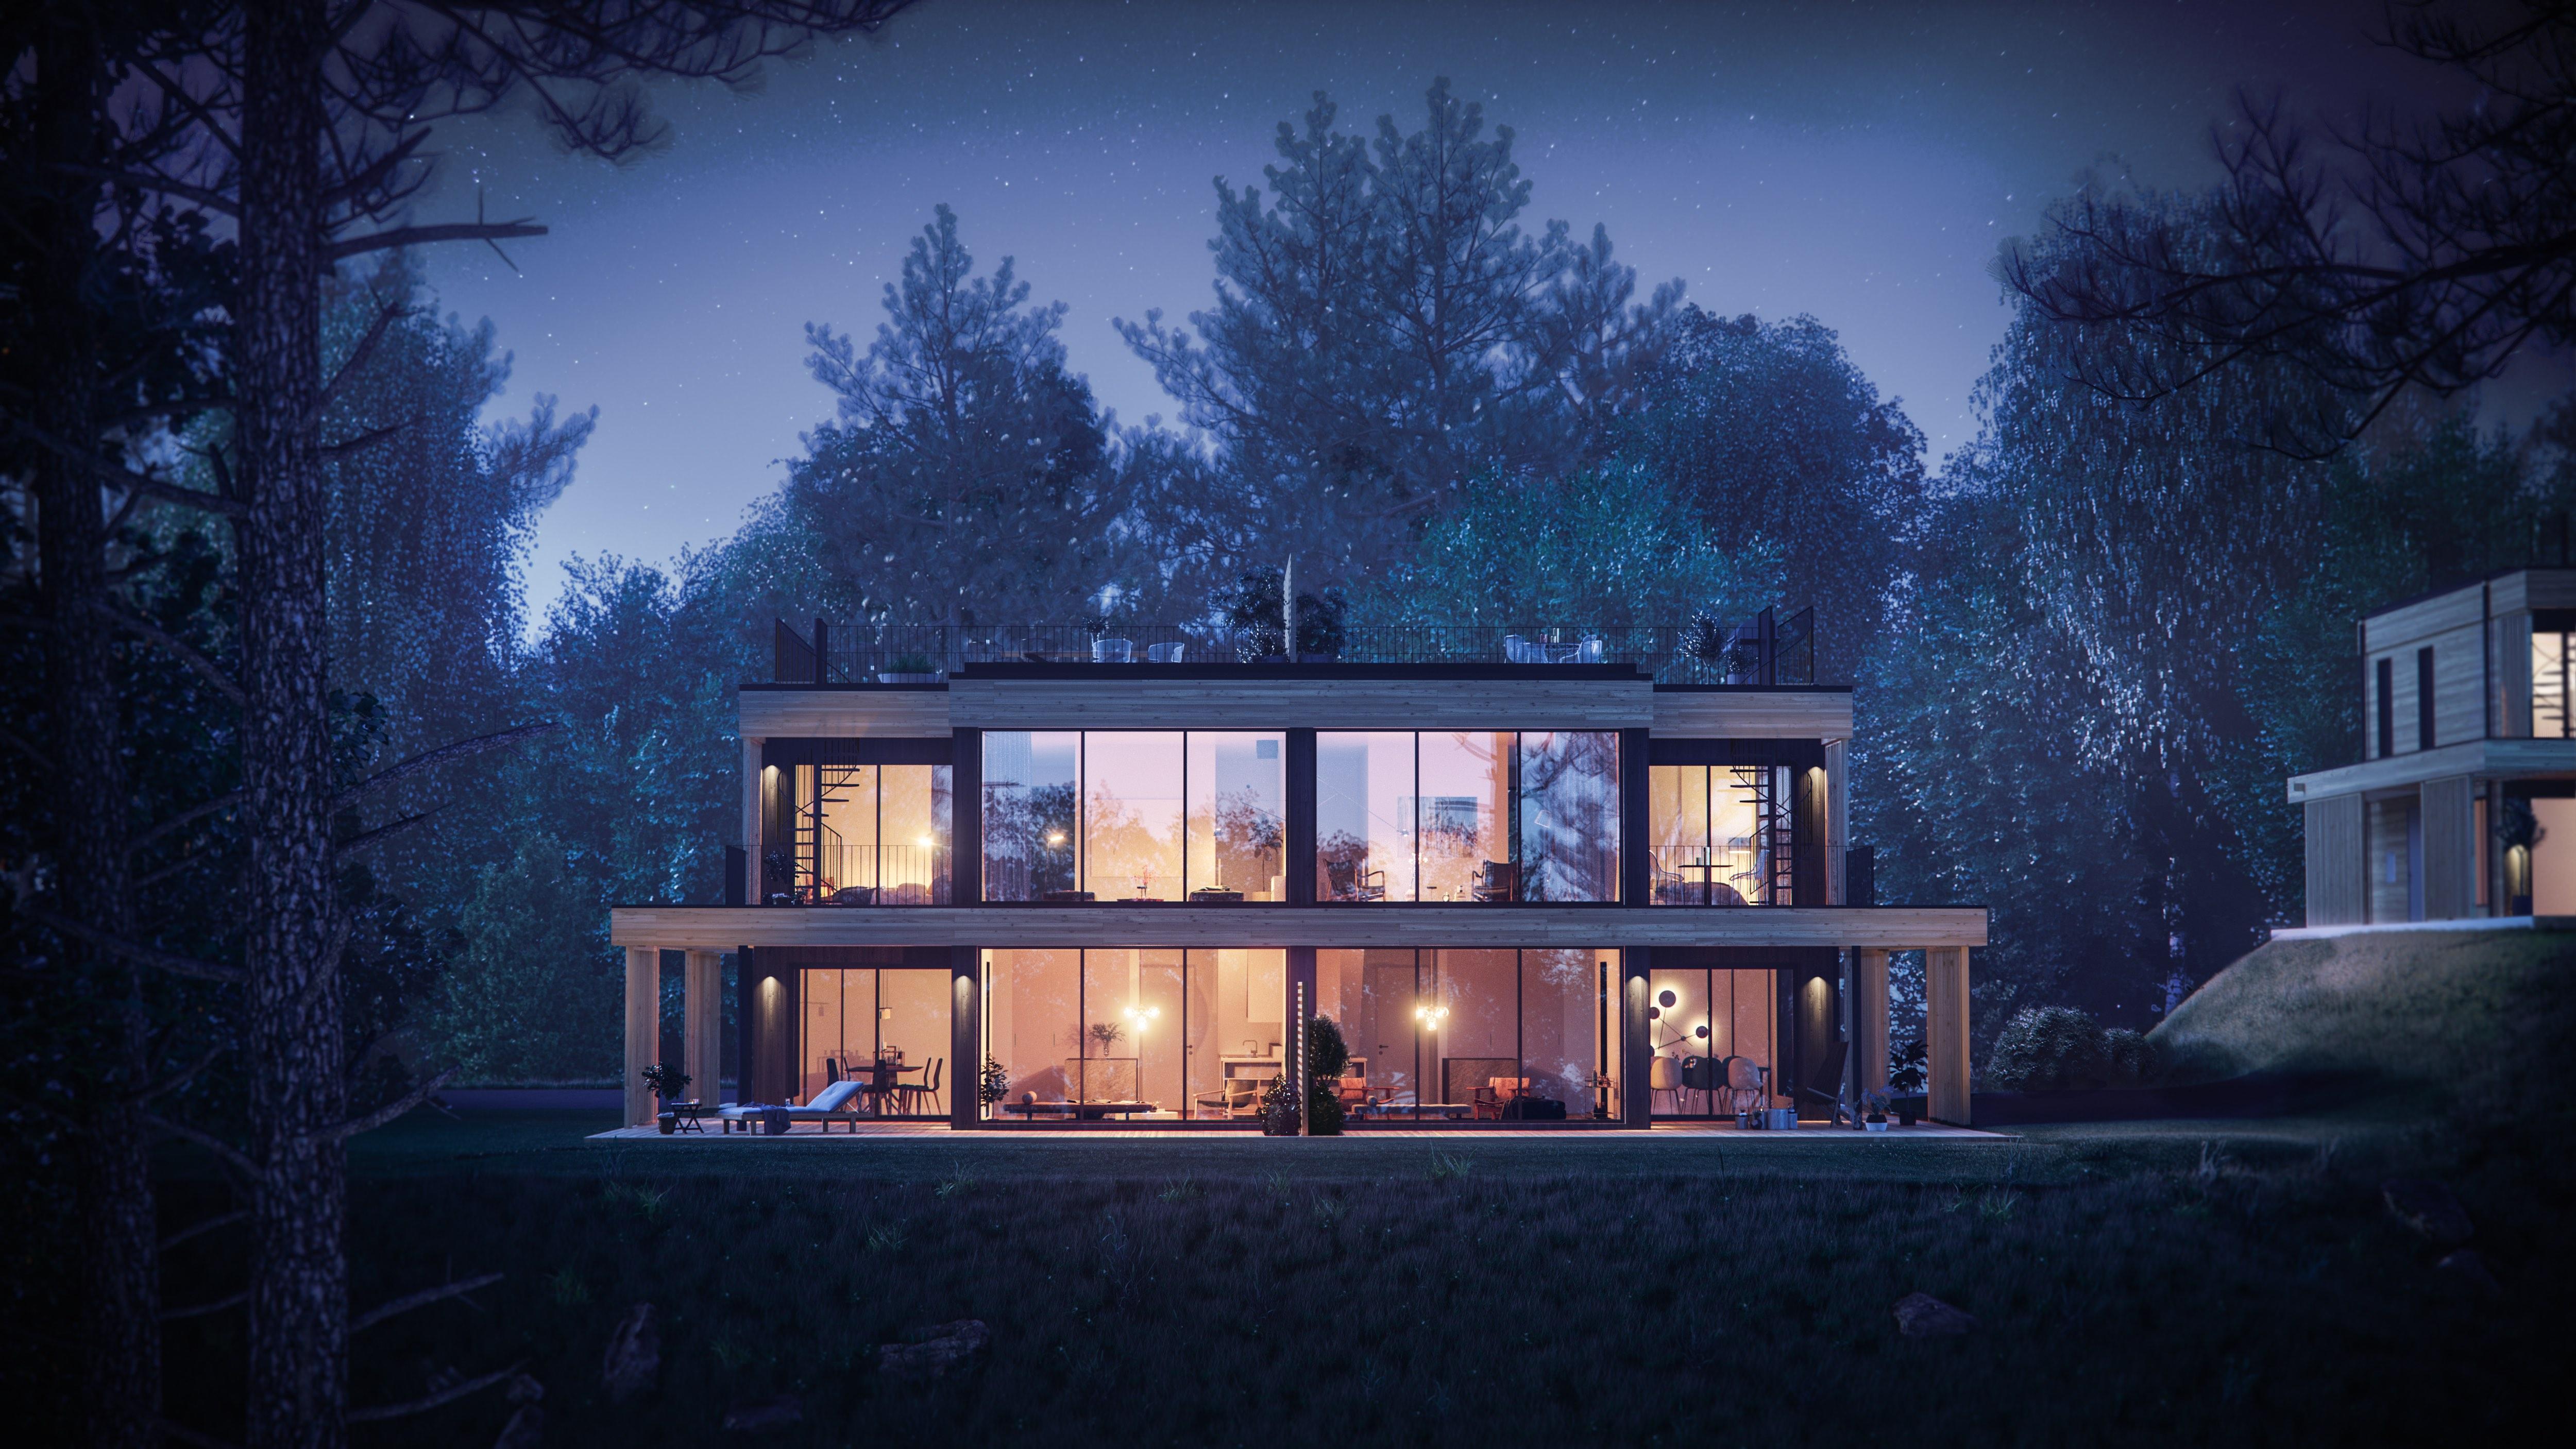 Arkitektritade moderna parhus i Strömma kanal - Värmdö - av Innovation Properties